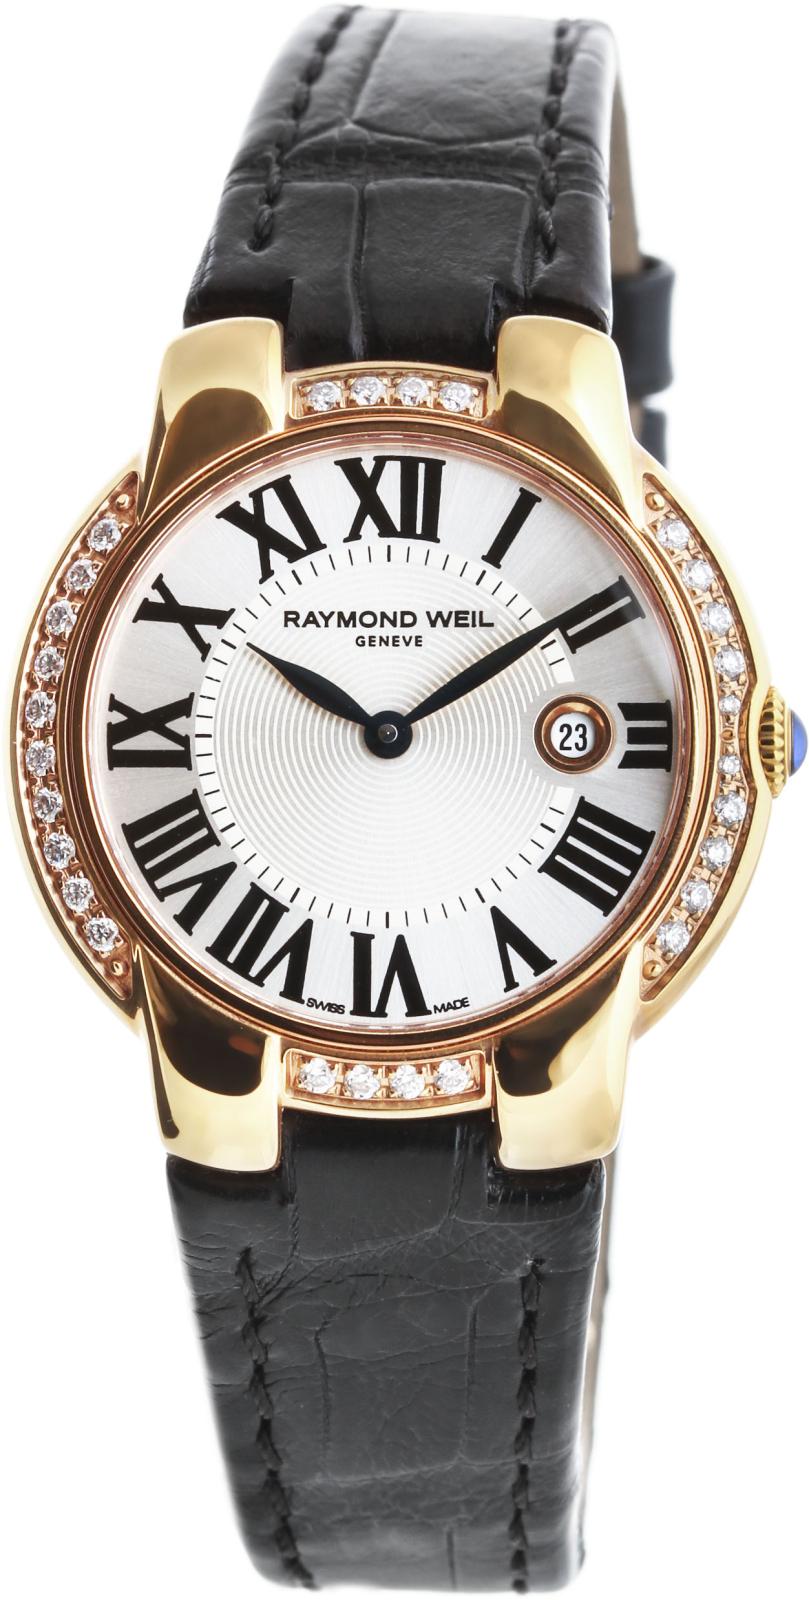 Raymond Weil Jasmine 5229-PCS-00659Наручные часы<br>Швейцарские часы Raymond Weil Jasmine 5229-PCS-00659Данная модель входит в коллекцию Jasmine. Это модные женские часы. Материал корпуса часов — сталь+золото. Циферблат часов защищает сапфировое стекло. Водозащита этих часов 50 м.<br><br>Пол: Женские<br>Страна-производитель: Швейцария<br>Механизм: Кварцевый<br>Материал корпуса: Сталь+Золото<br>Материал ремня/браслета: Кожа<br>Водозащита, диапазон: 20 - 100 м<br>Стекло: Сапфировое<br>Толщина корпуса: None<br>Стиль: None